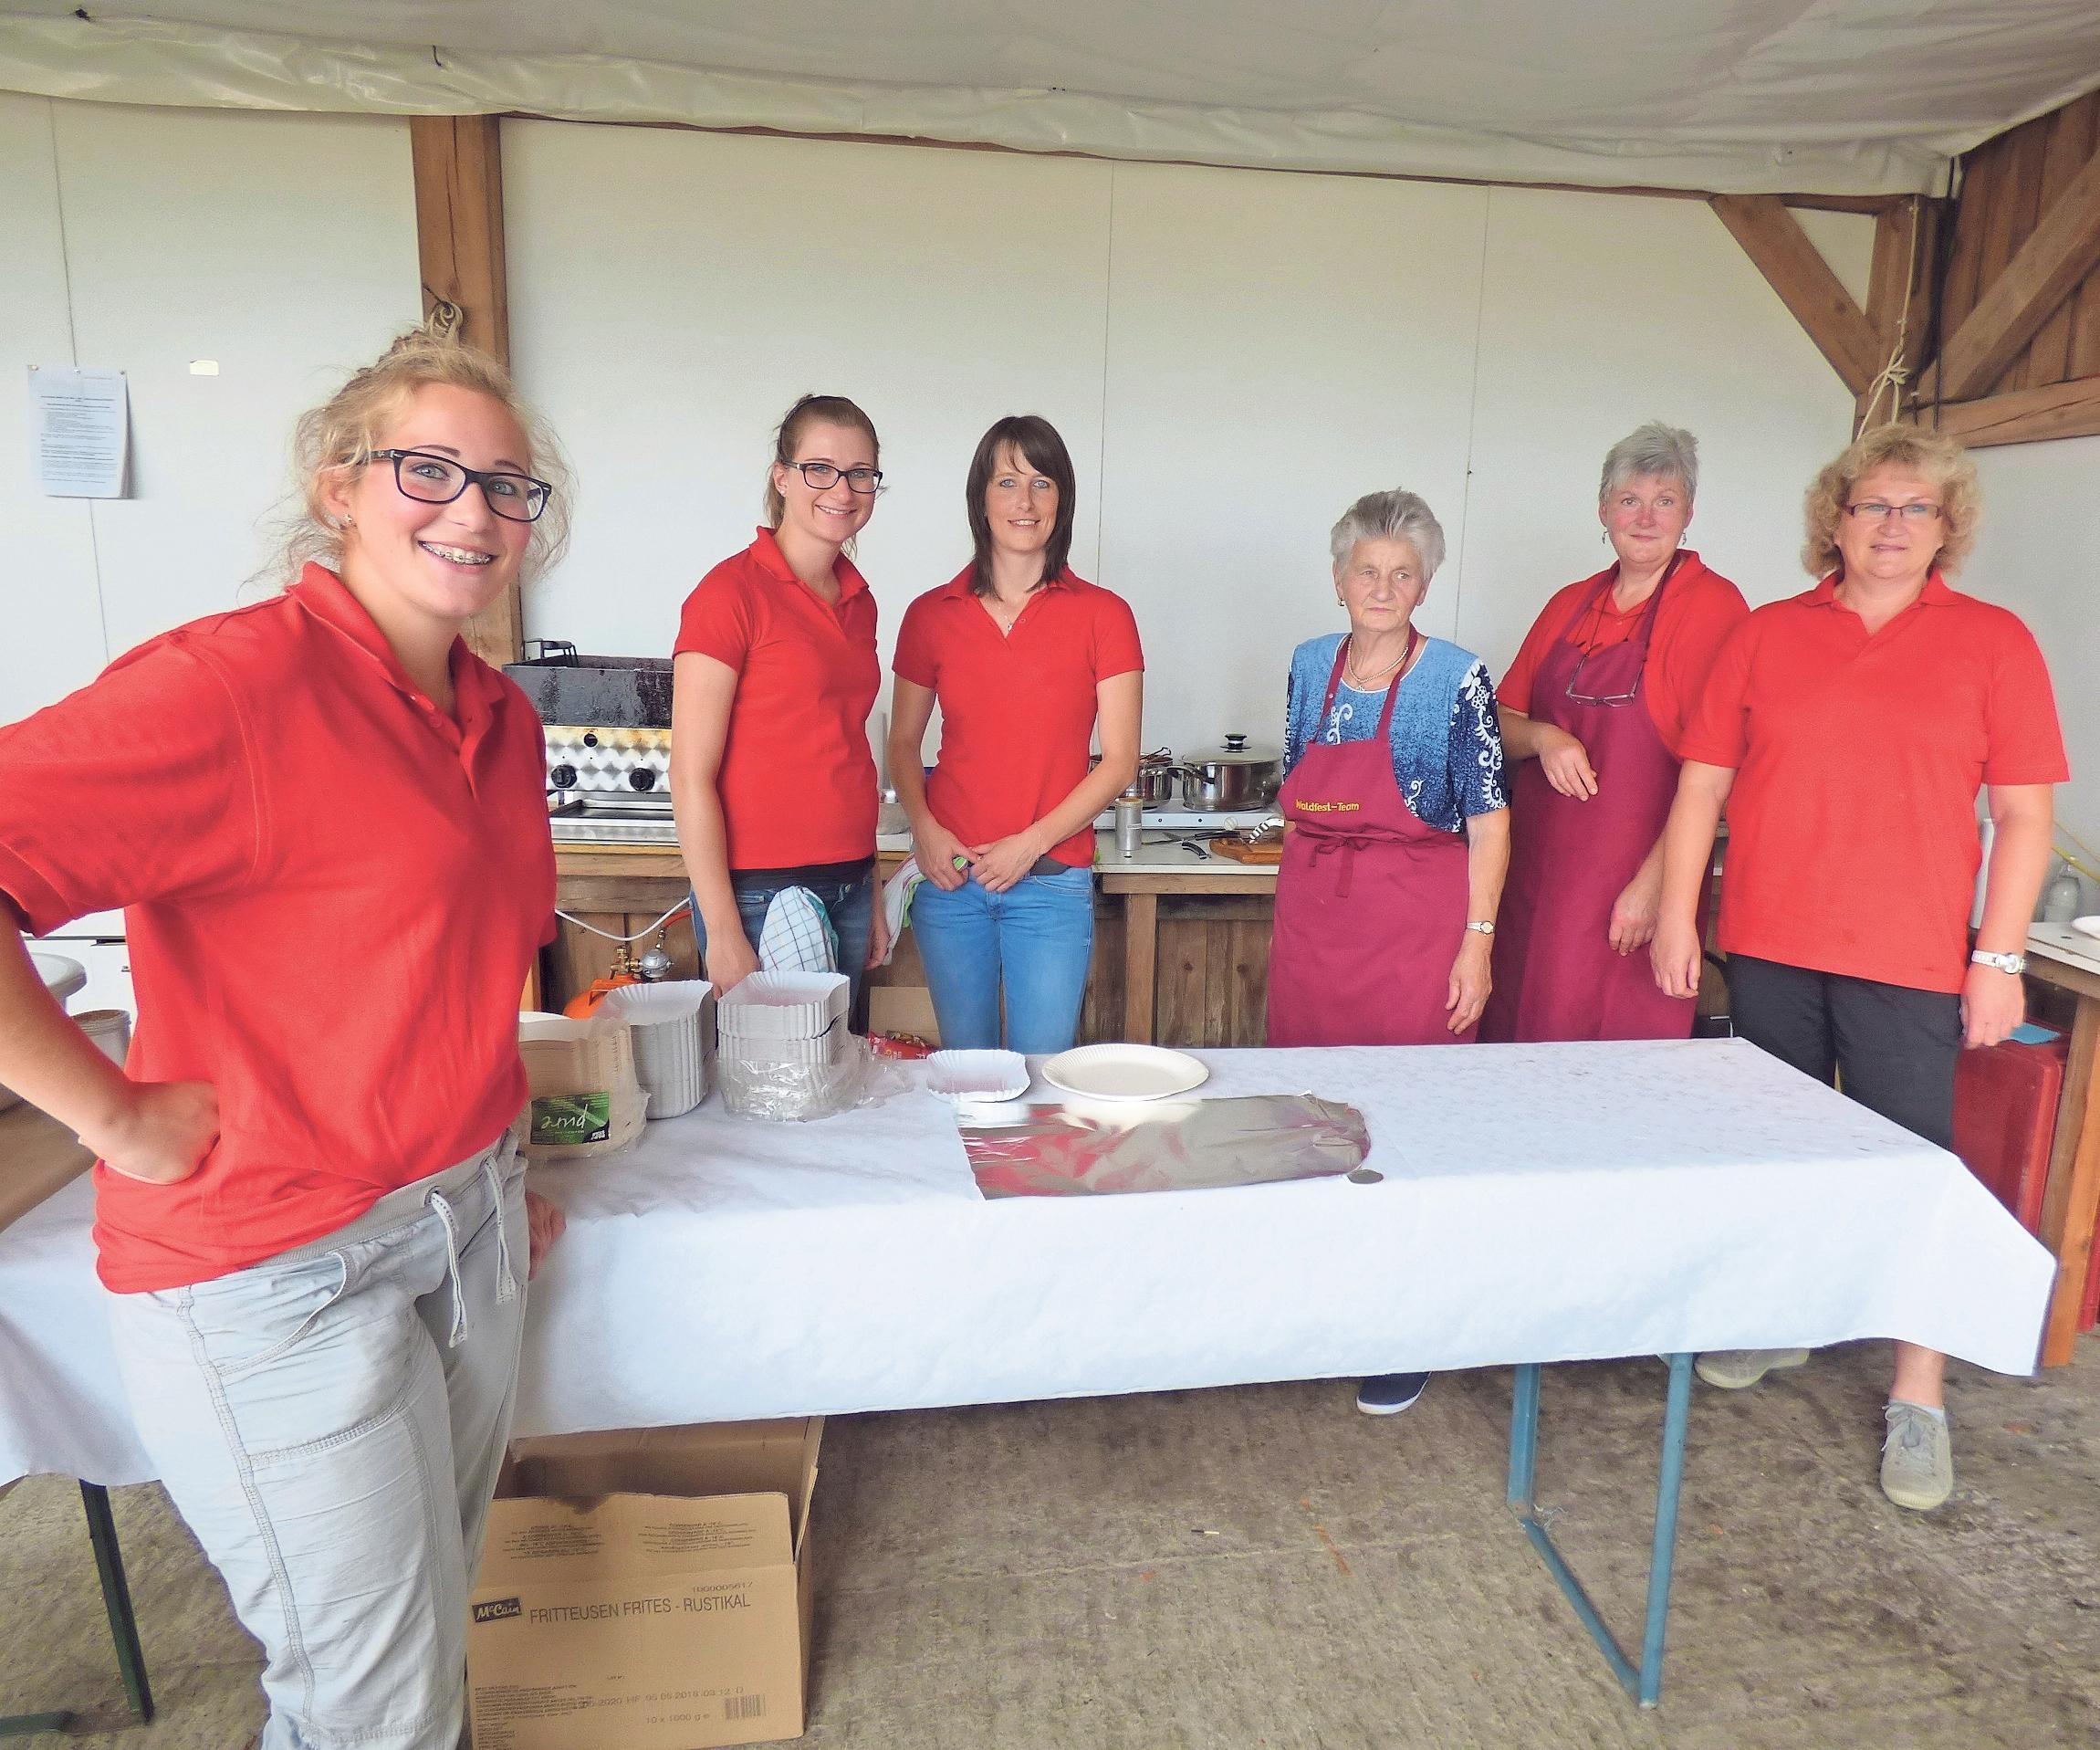 Kuchen, Torten und frische Küchle tischen die Feuerwehrfrauen am Sonntagnachmittag auf.